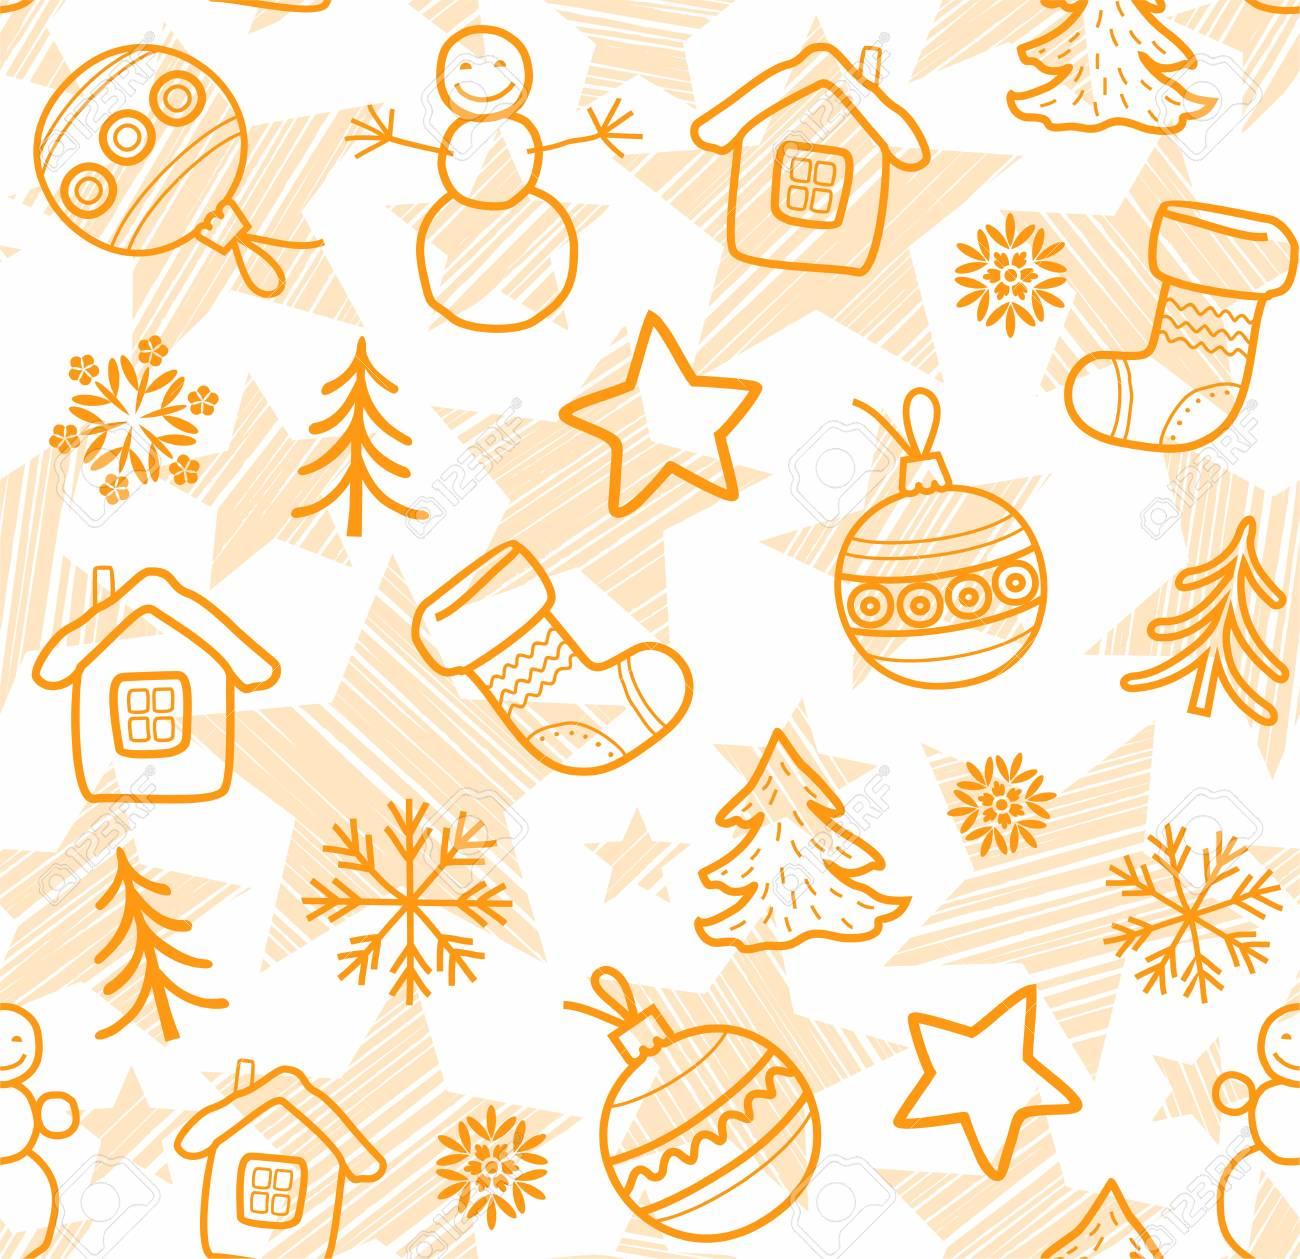 Disegni Di Natale Vettoriali.Decorazioni Di Natale Nei Disegni Di Contorno Arancione Senza Soluzione Di Continuita Vettore Palle Di Natale Stivali Stelle E Pupazzi Di Neve